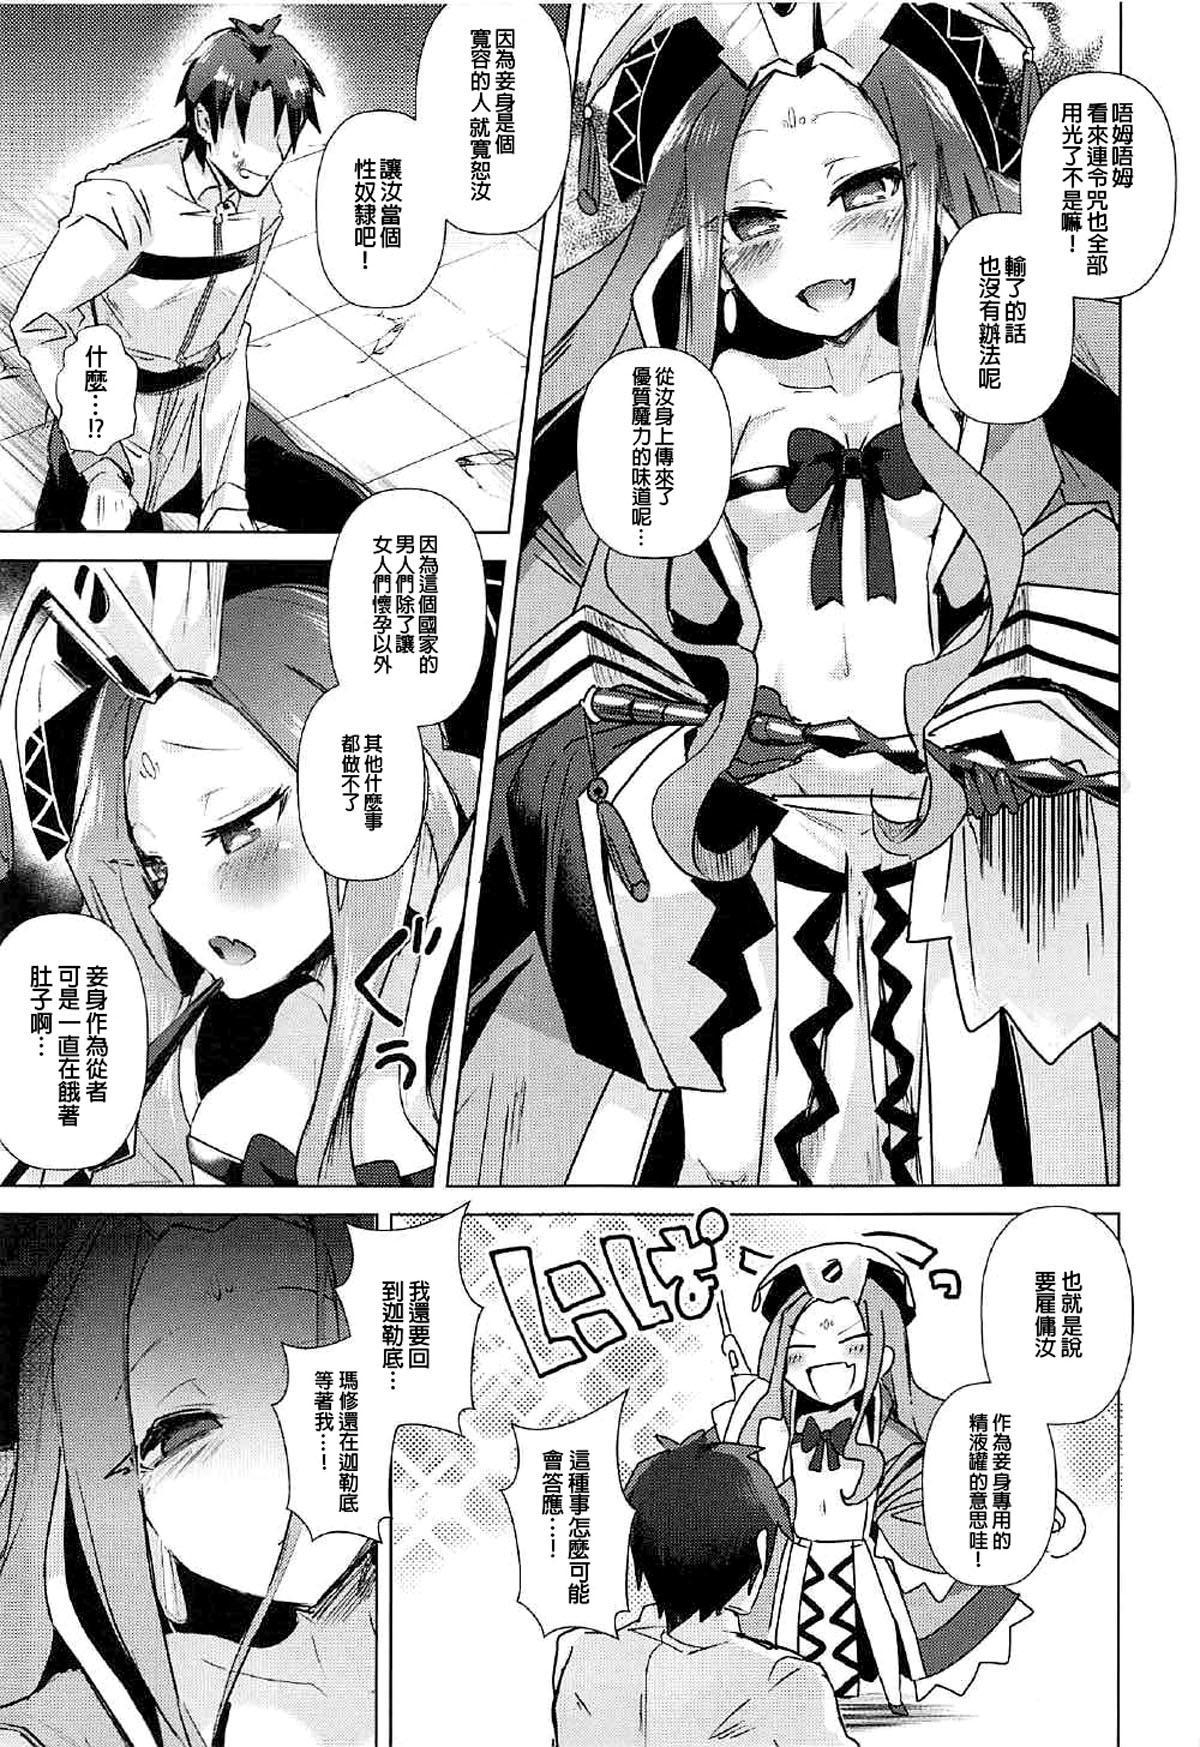 Agartha de Maketa node Seidorei ni Naru 2